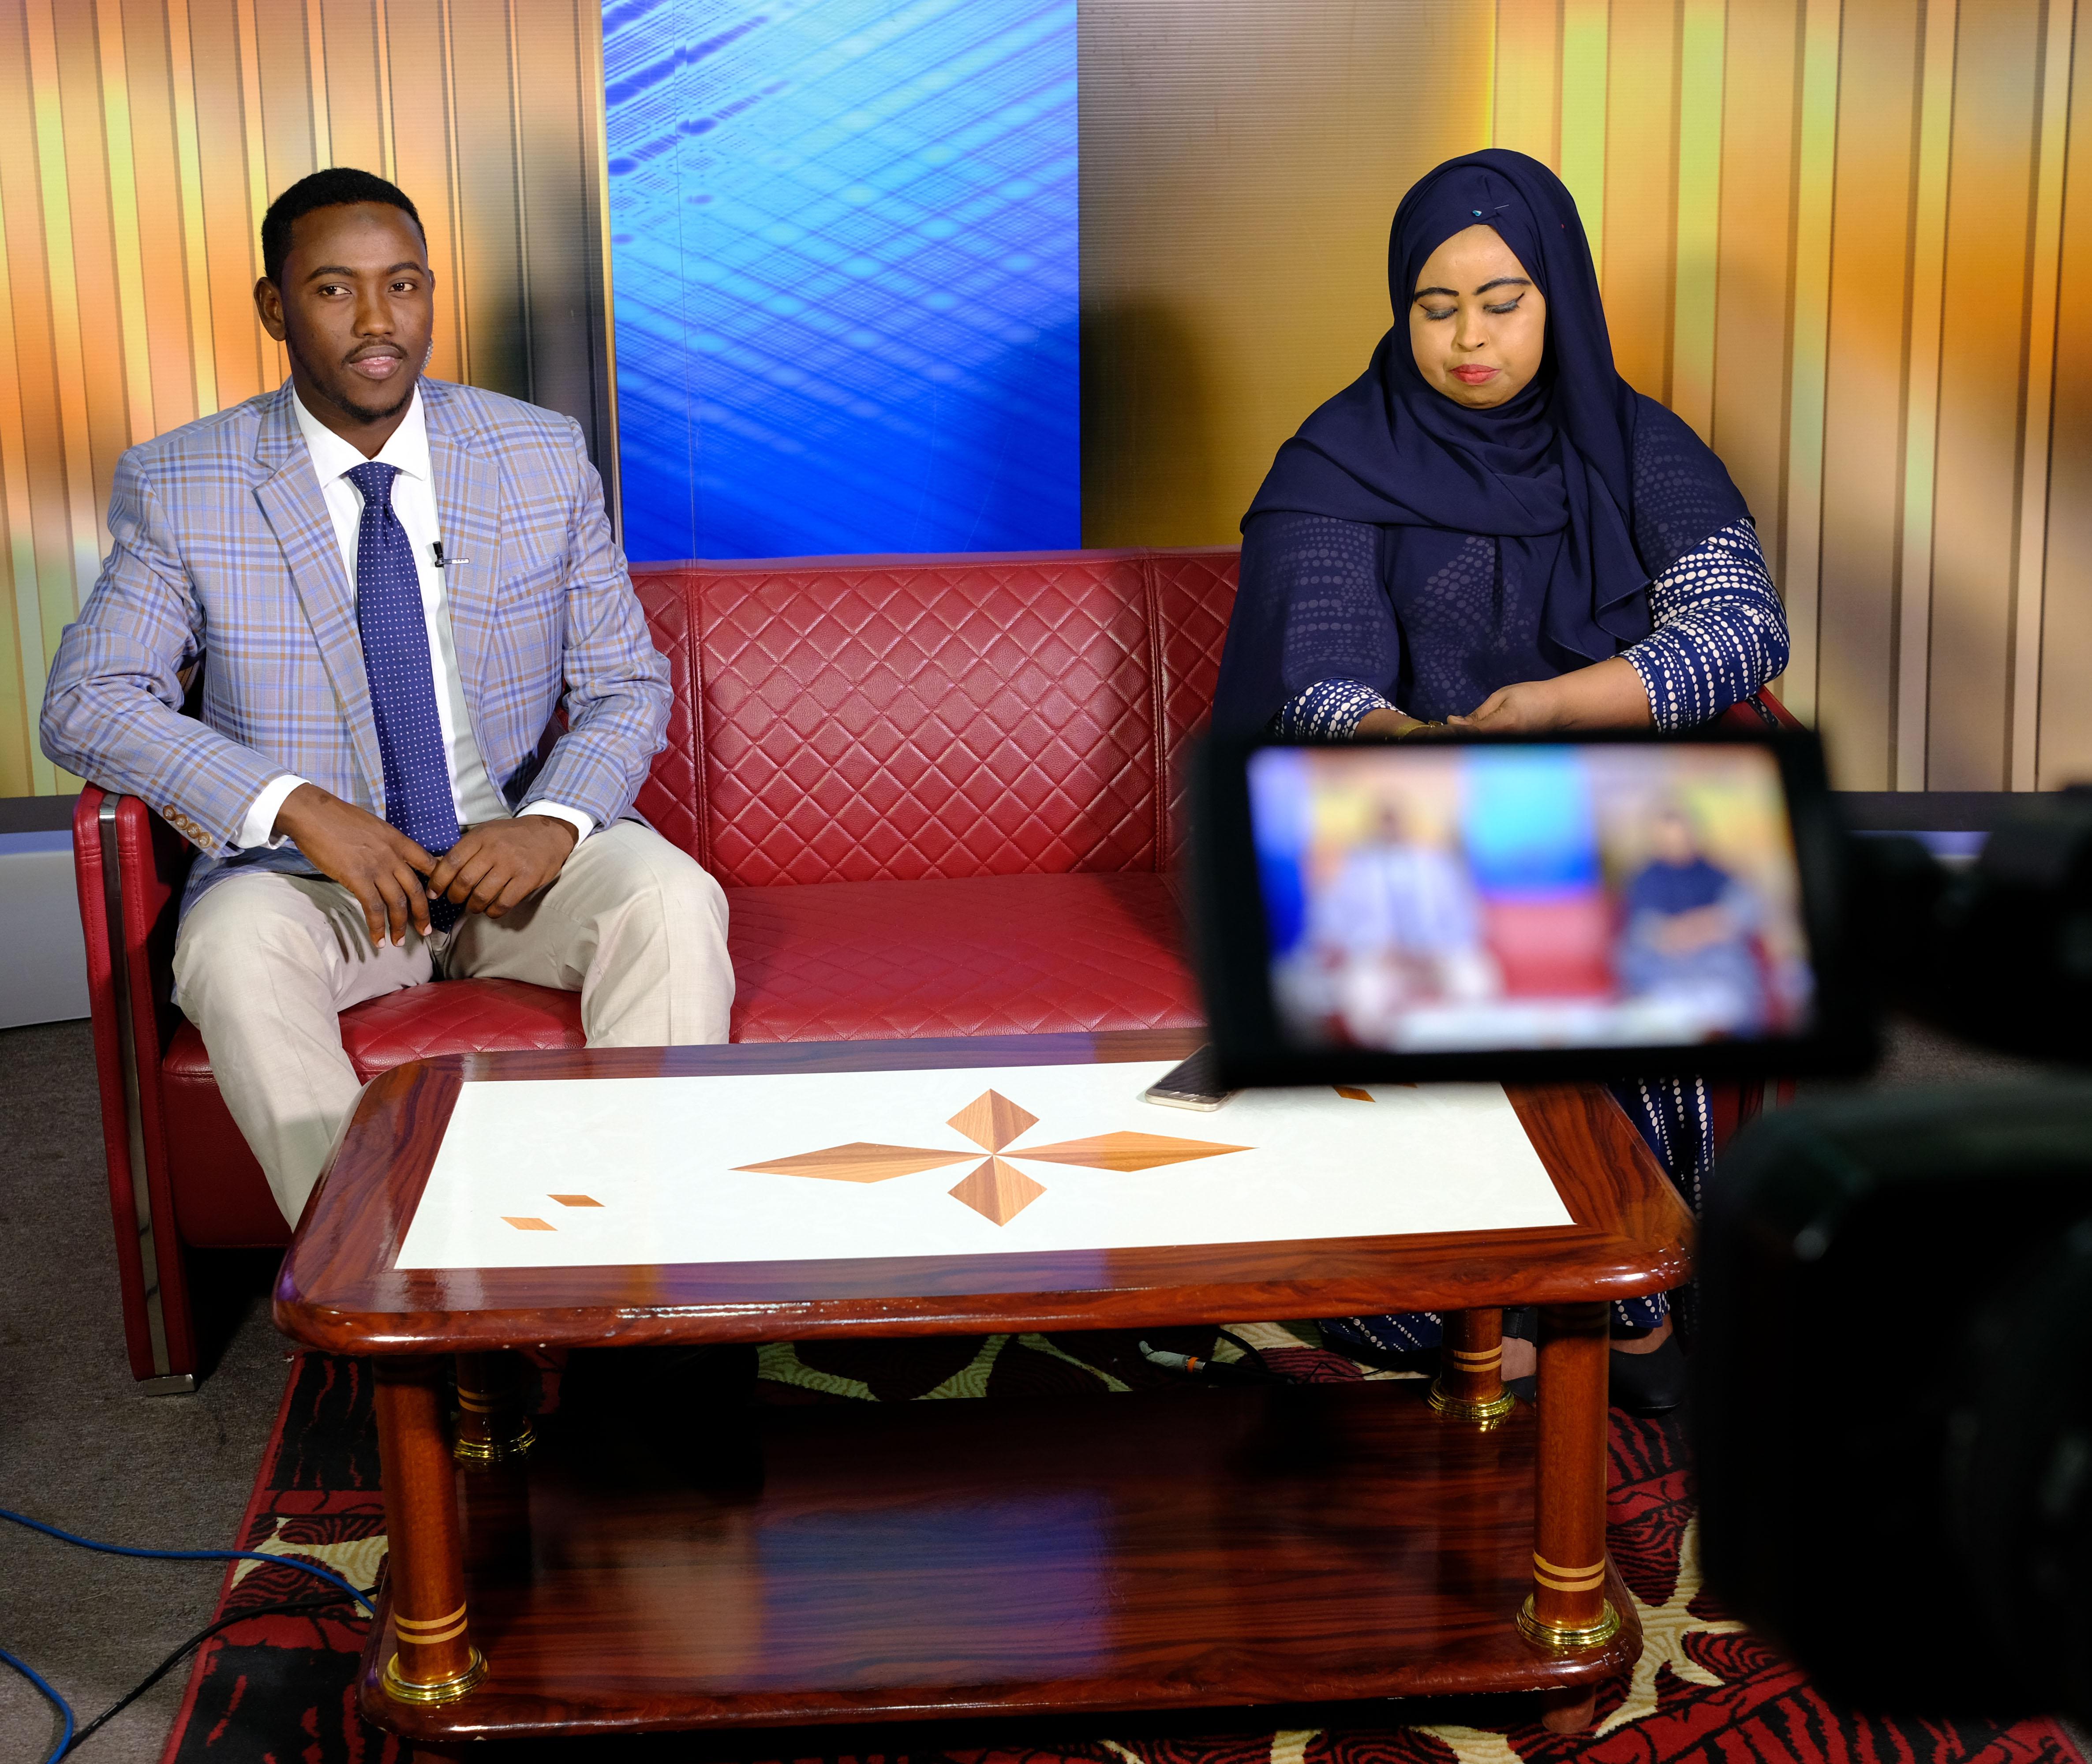 Somalialaiset toimittajat valmistautuvat suoraan lähetykseen